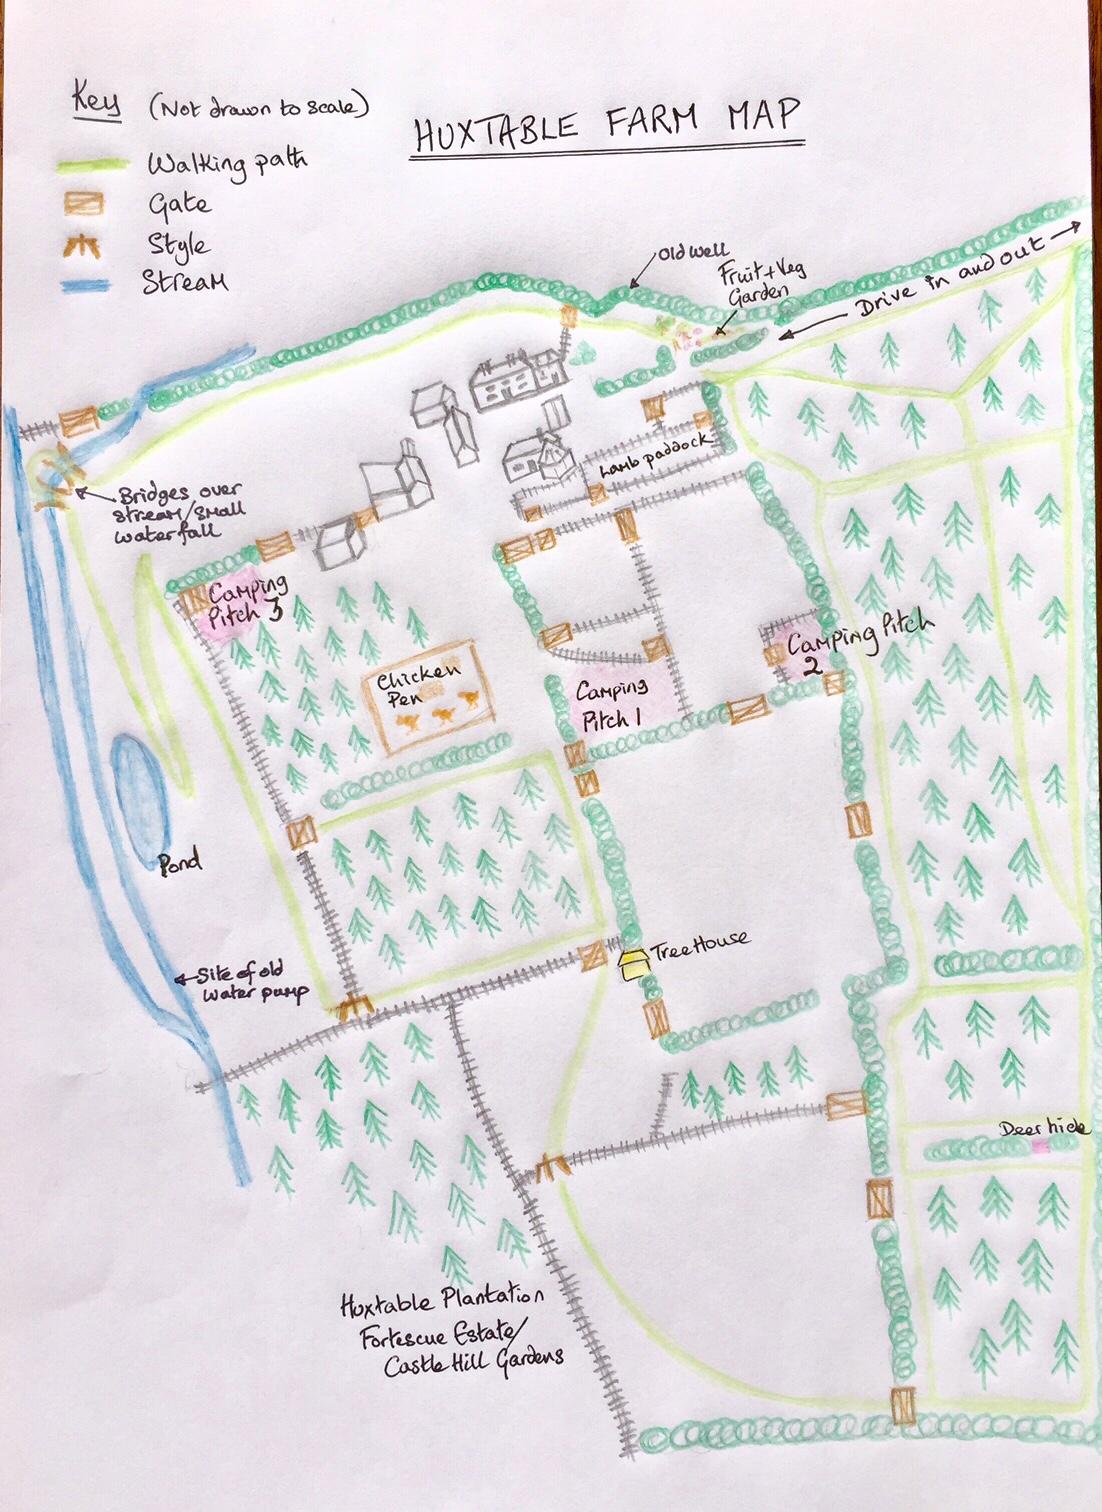 Map of Huxtable Farm